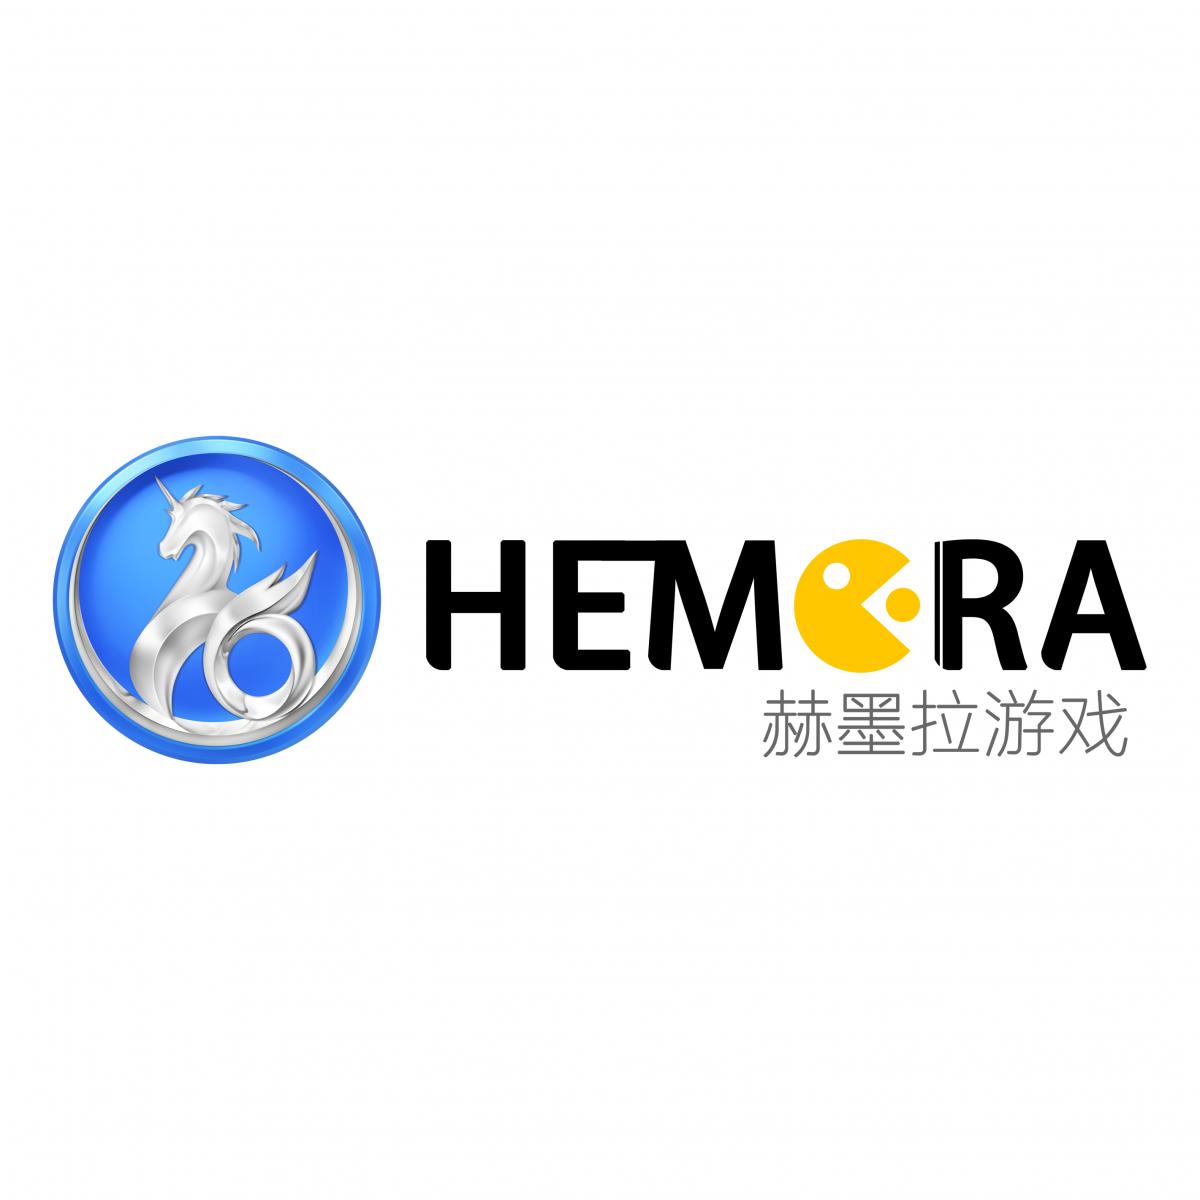 广州赫墨拉信息科技有限公司